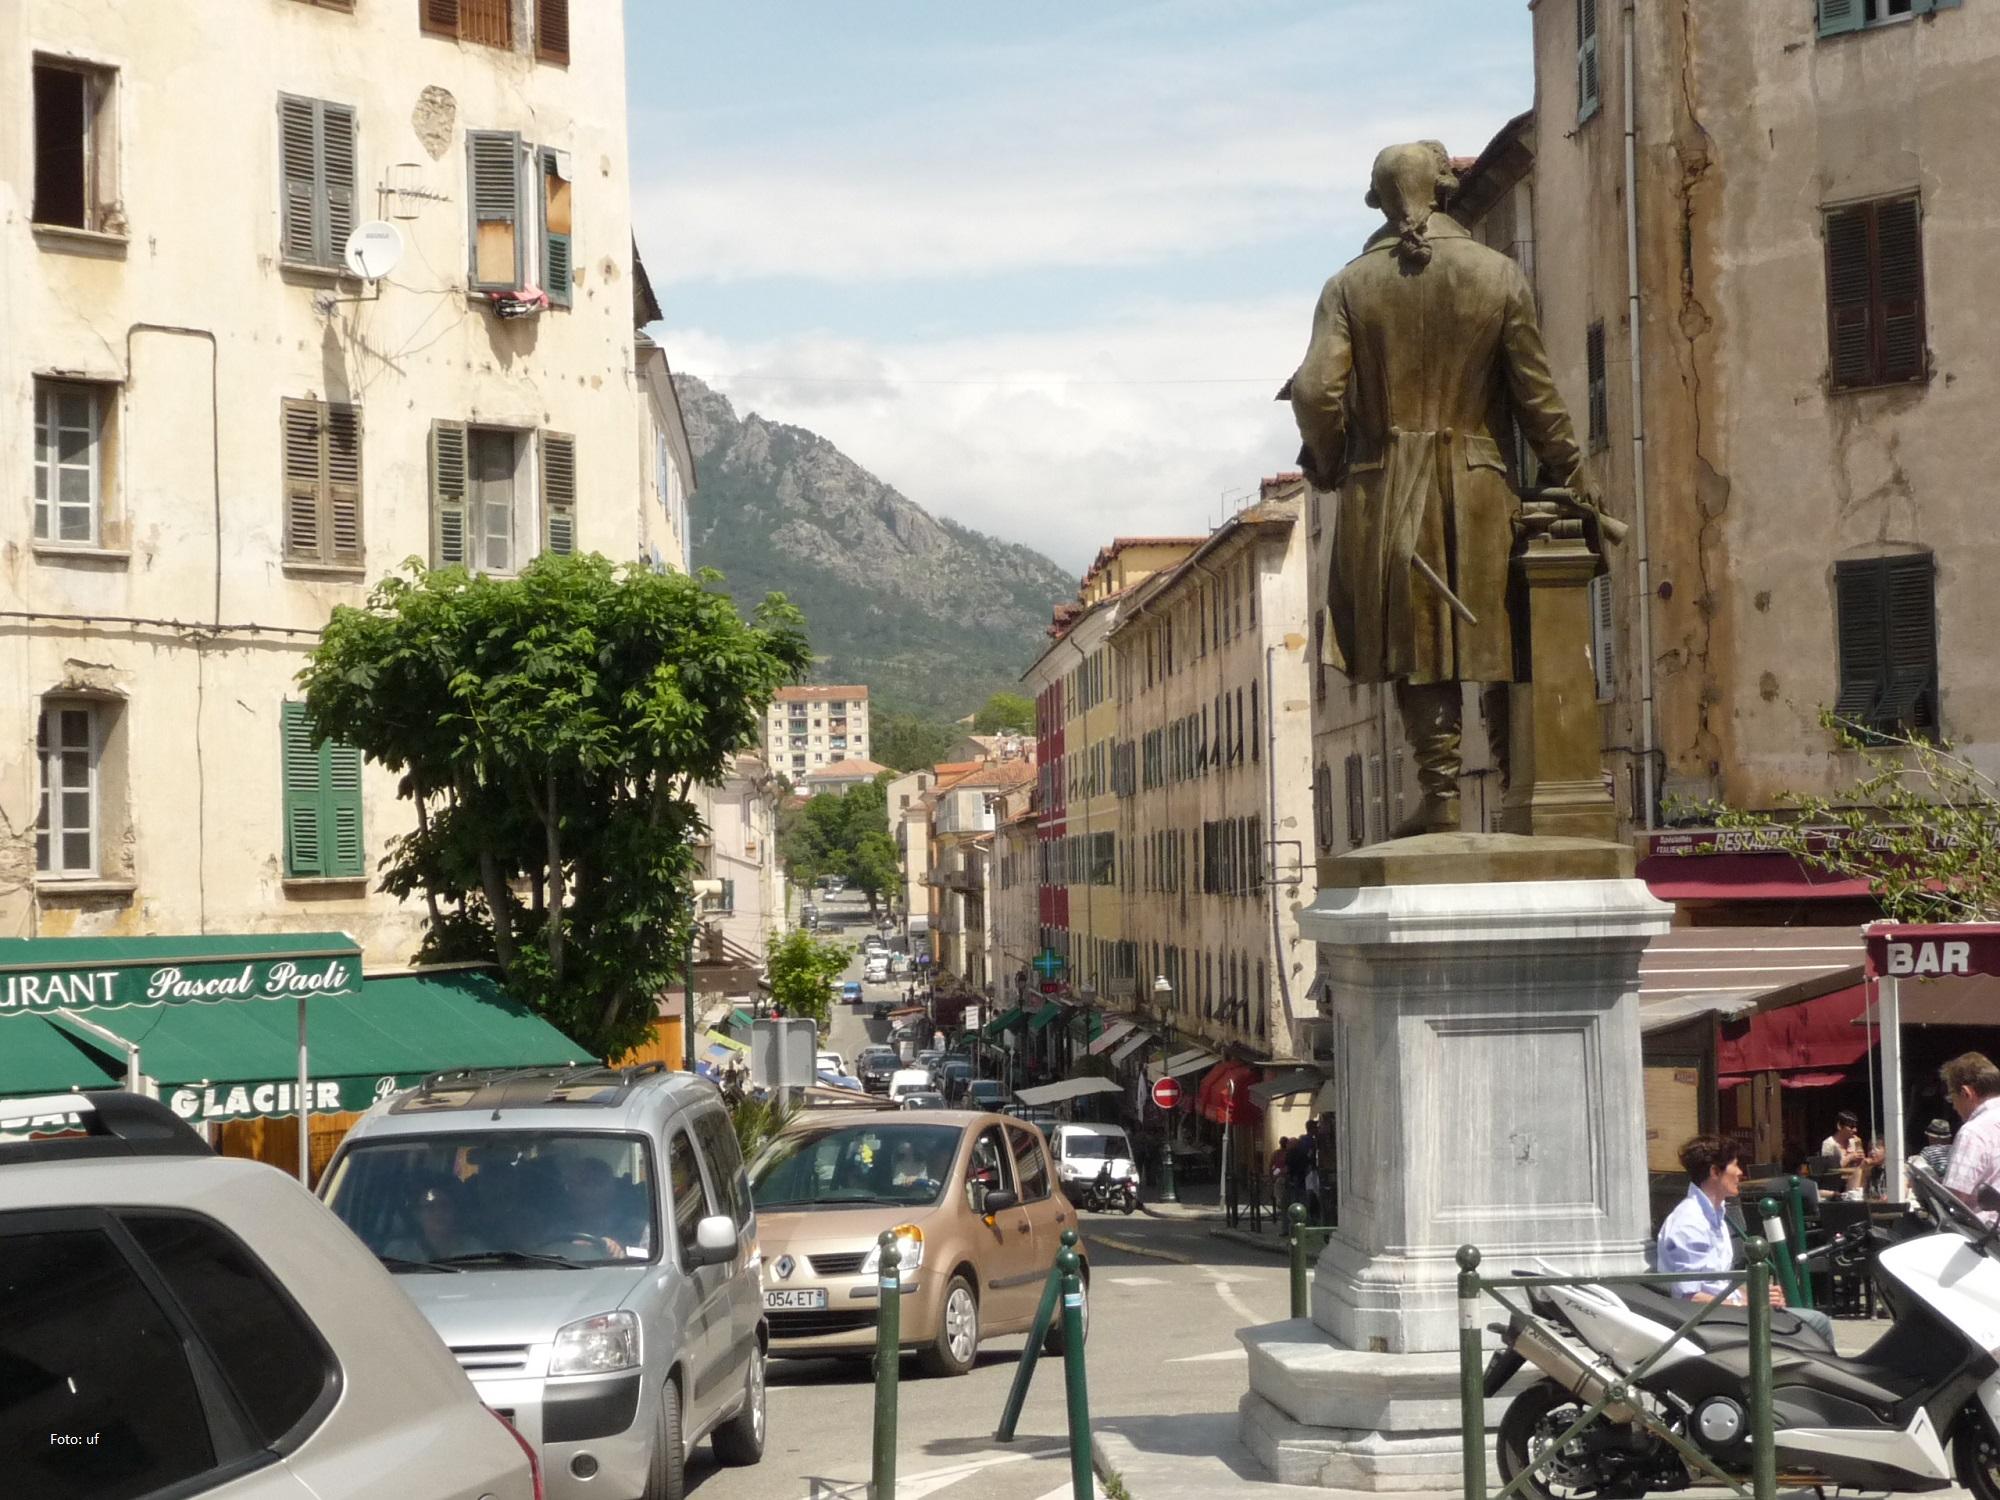 Im Vordergrund die Bronzestatue von Jean-Pierre Gaffori, korsischer Unabhängigkeitskämpfer (leider nur von hinten)